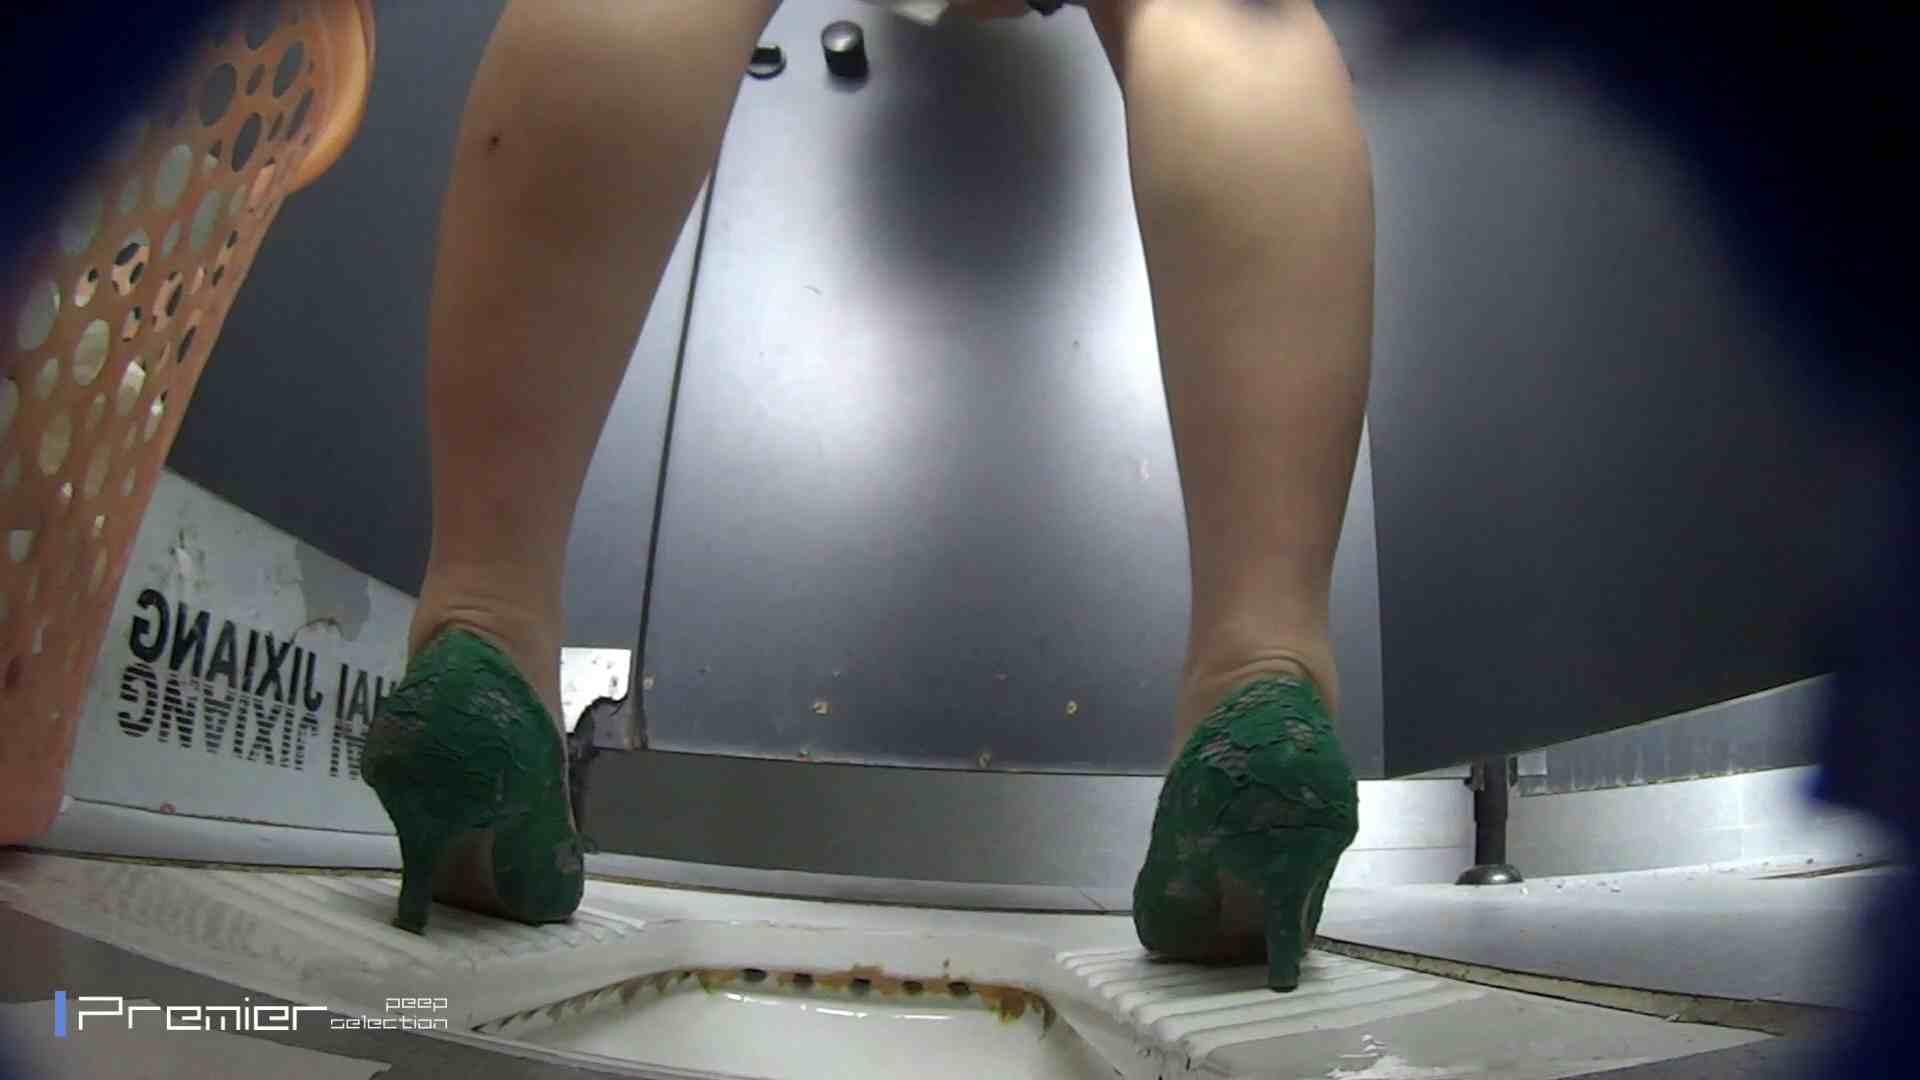 びゅーっと!オシッコ放出 大学休憩時間の洗面所事情47 高画質 オメコ動画キャプチャ 104画像 29